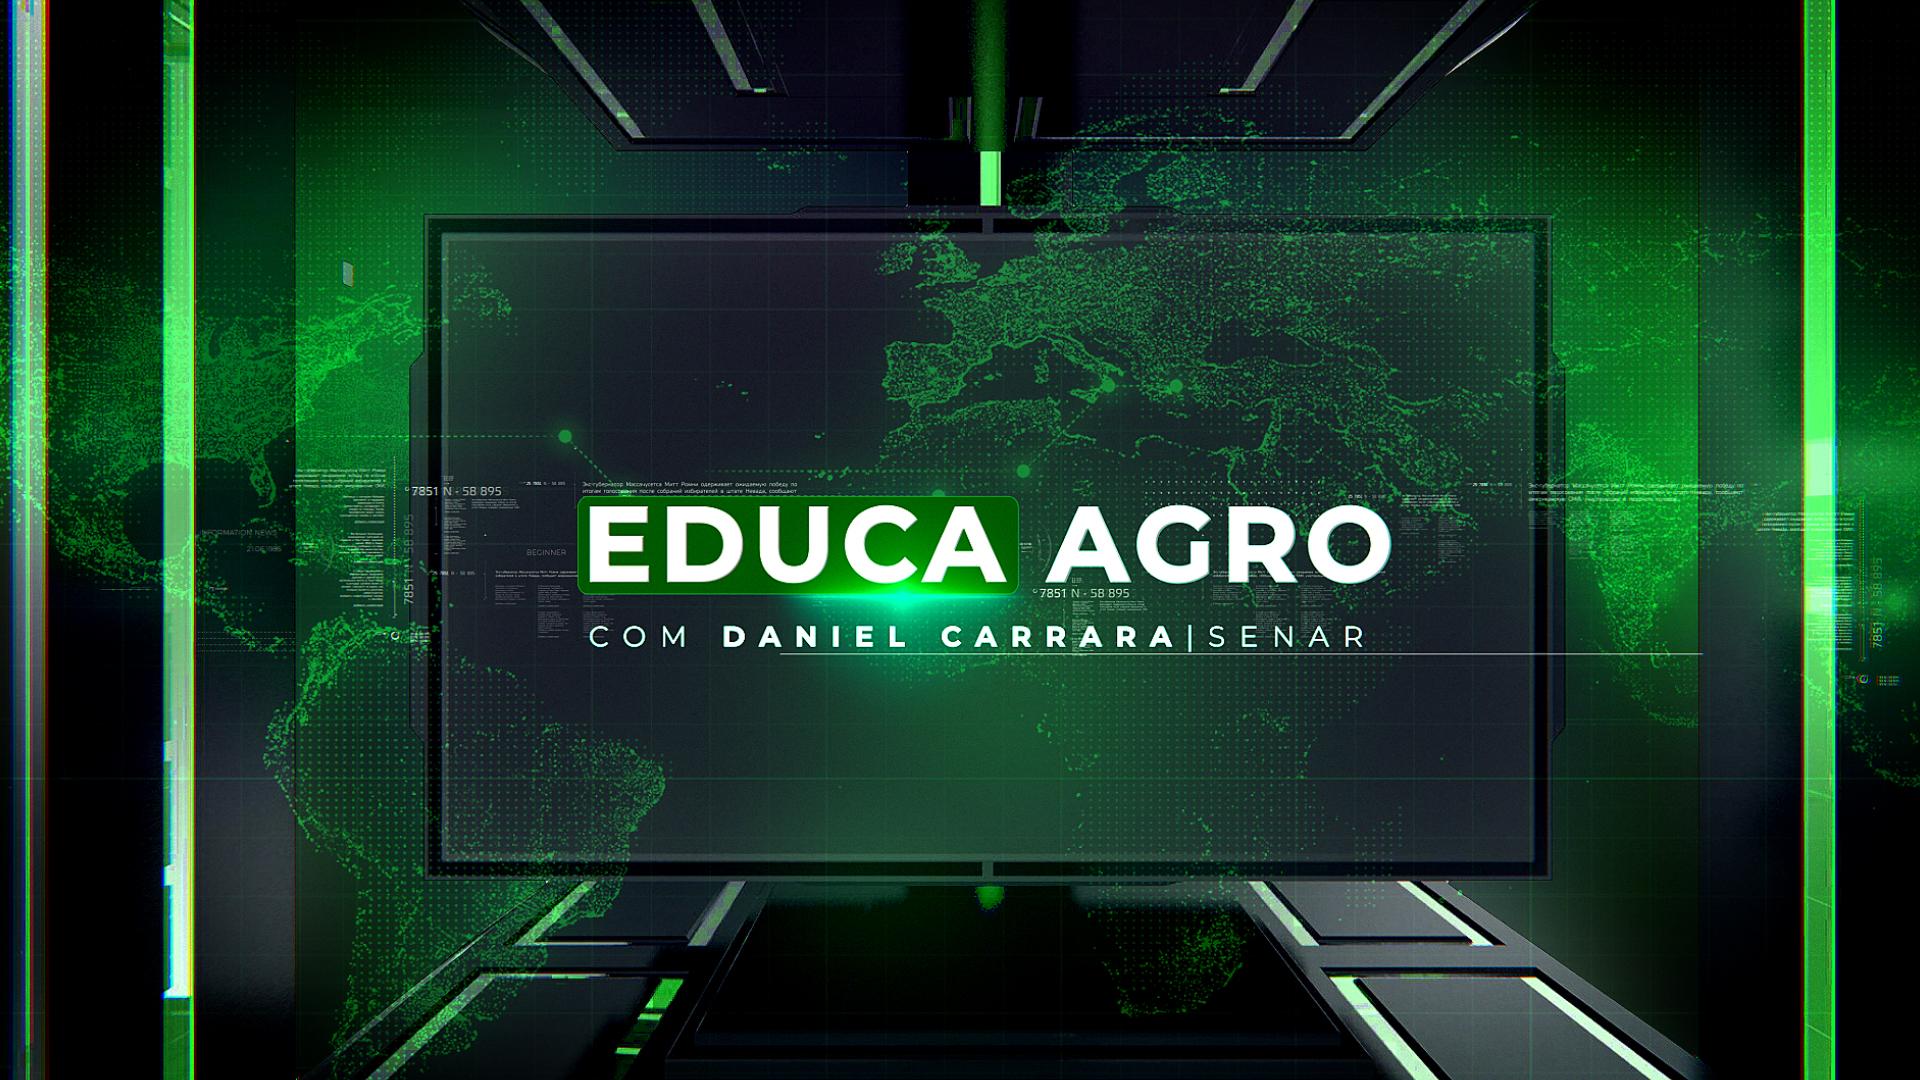 EDUCA AGRO